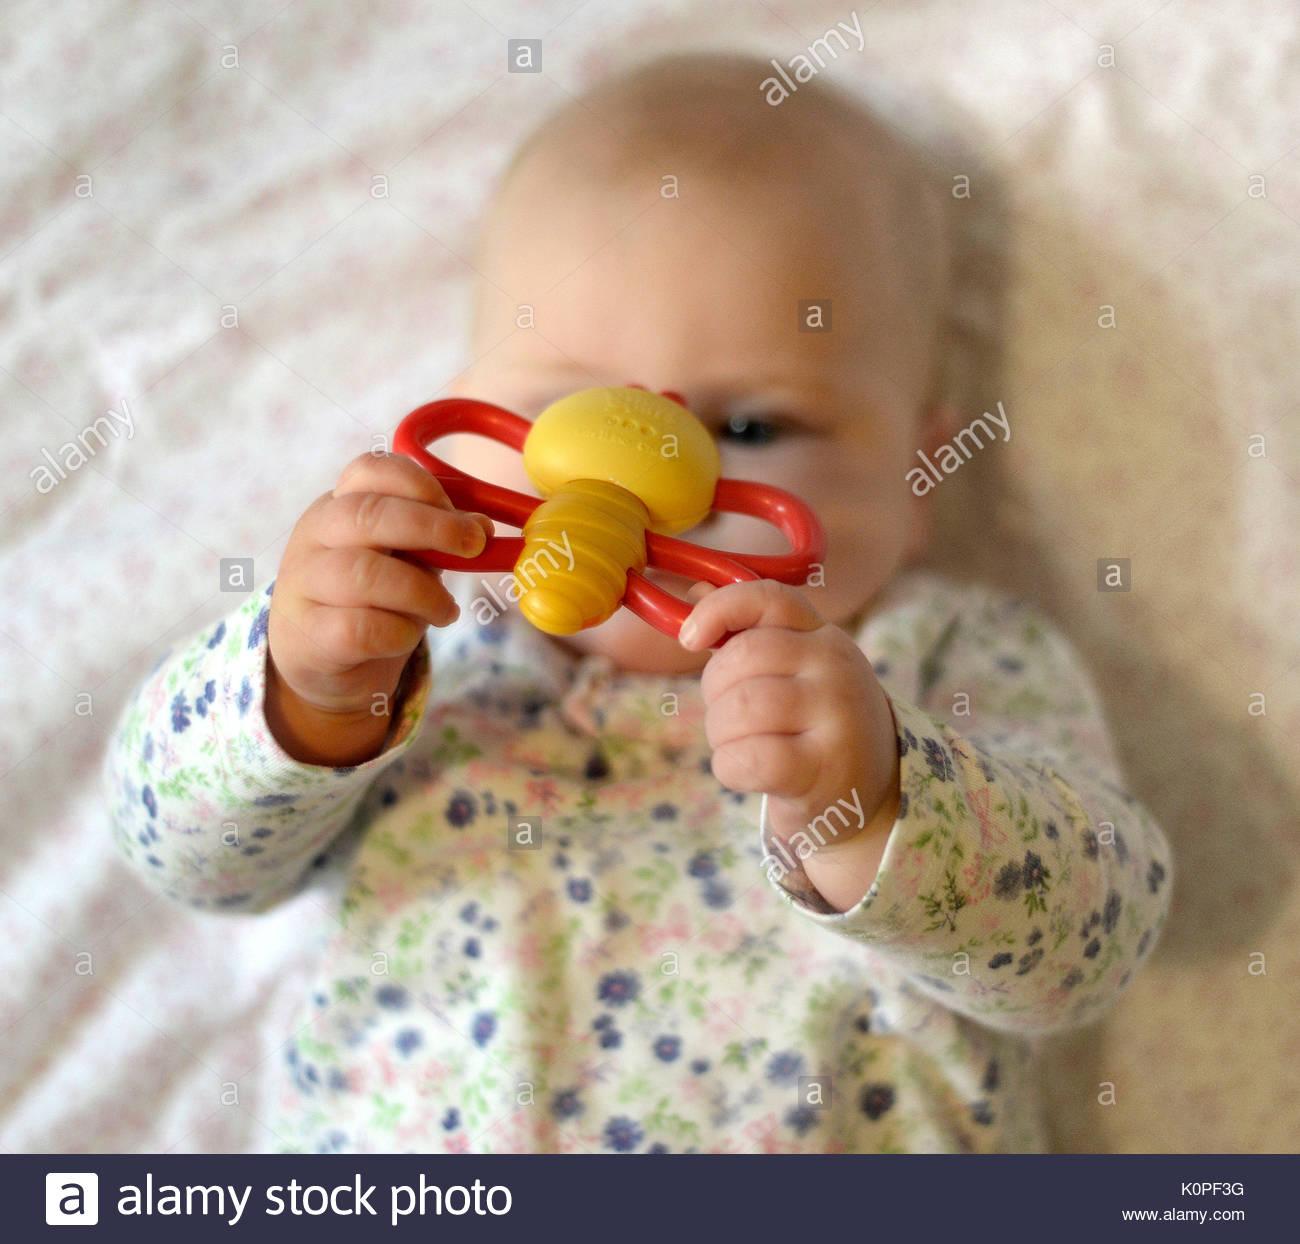 Imagen planteaba BNY MODELO Foto de archivo sin fecha de un bebé. Los ministros están considerando la posibilidad Foto de stock